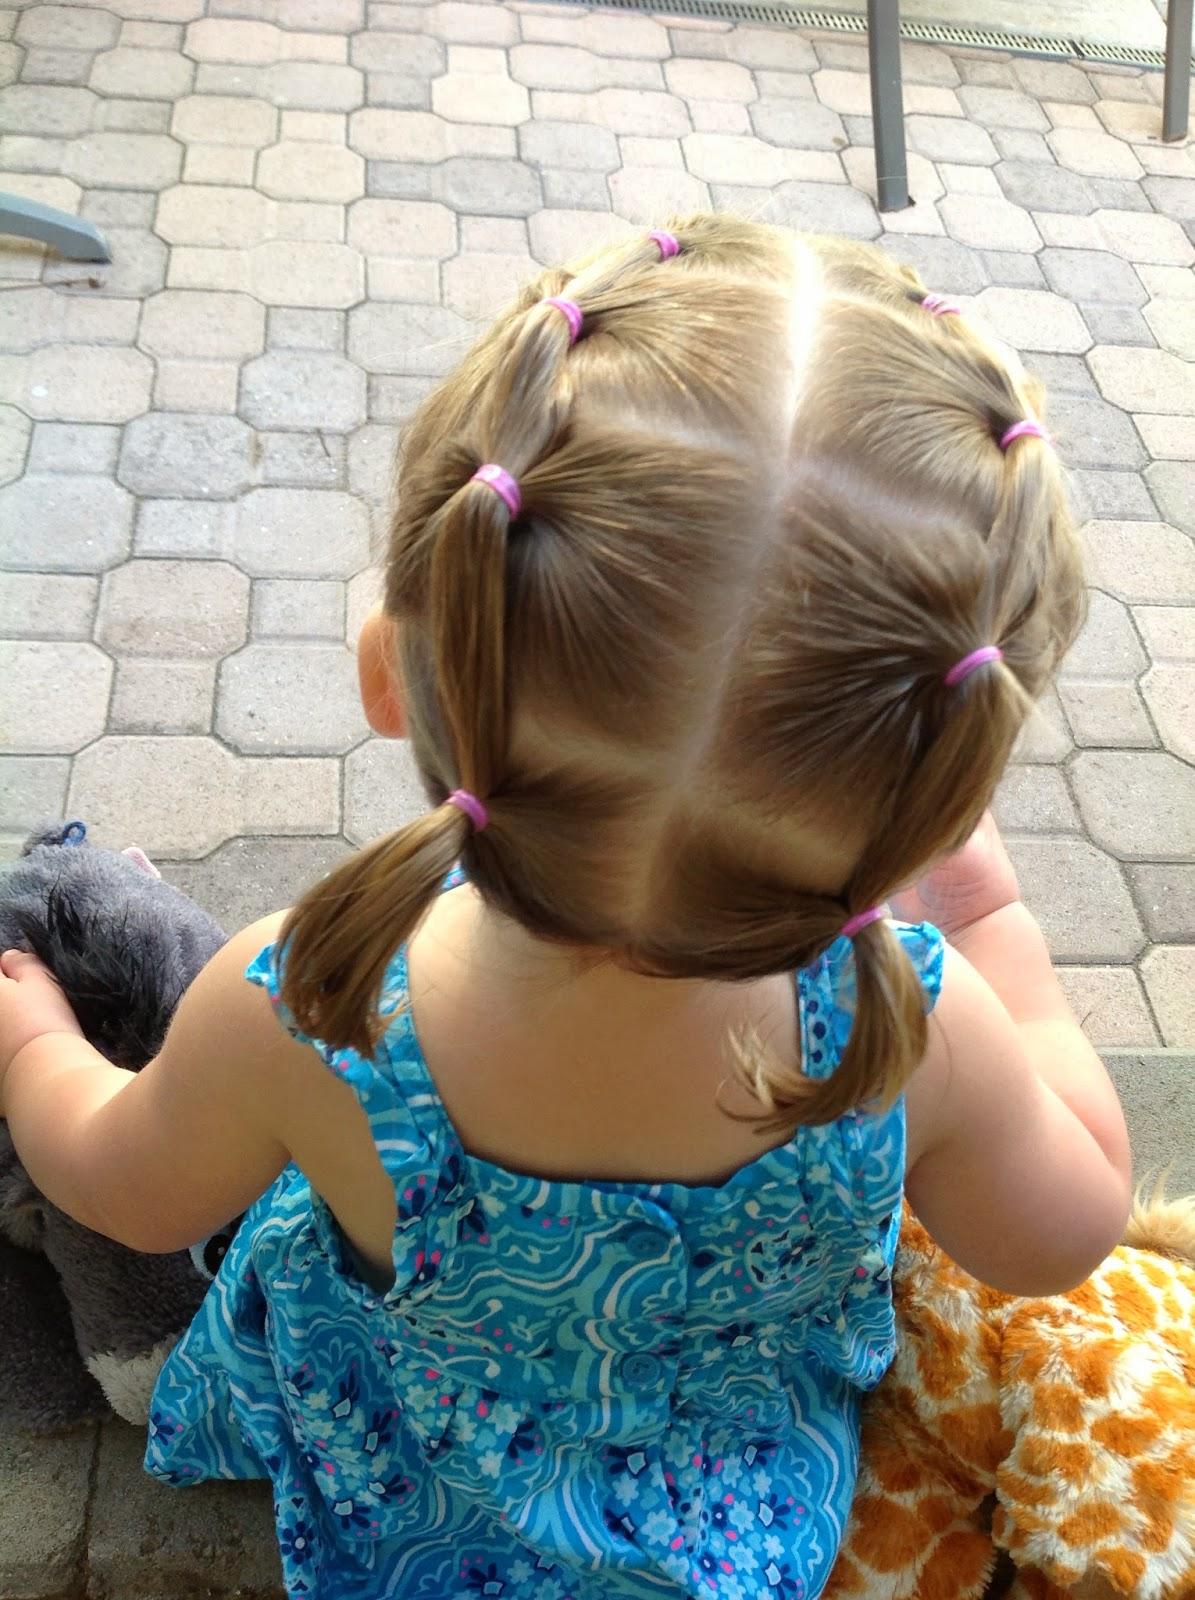 El tratamiento láser de los cabello que este tal